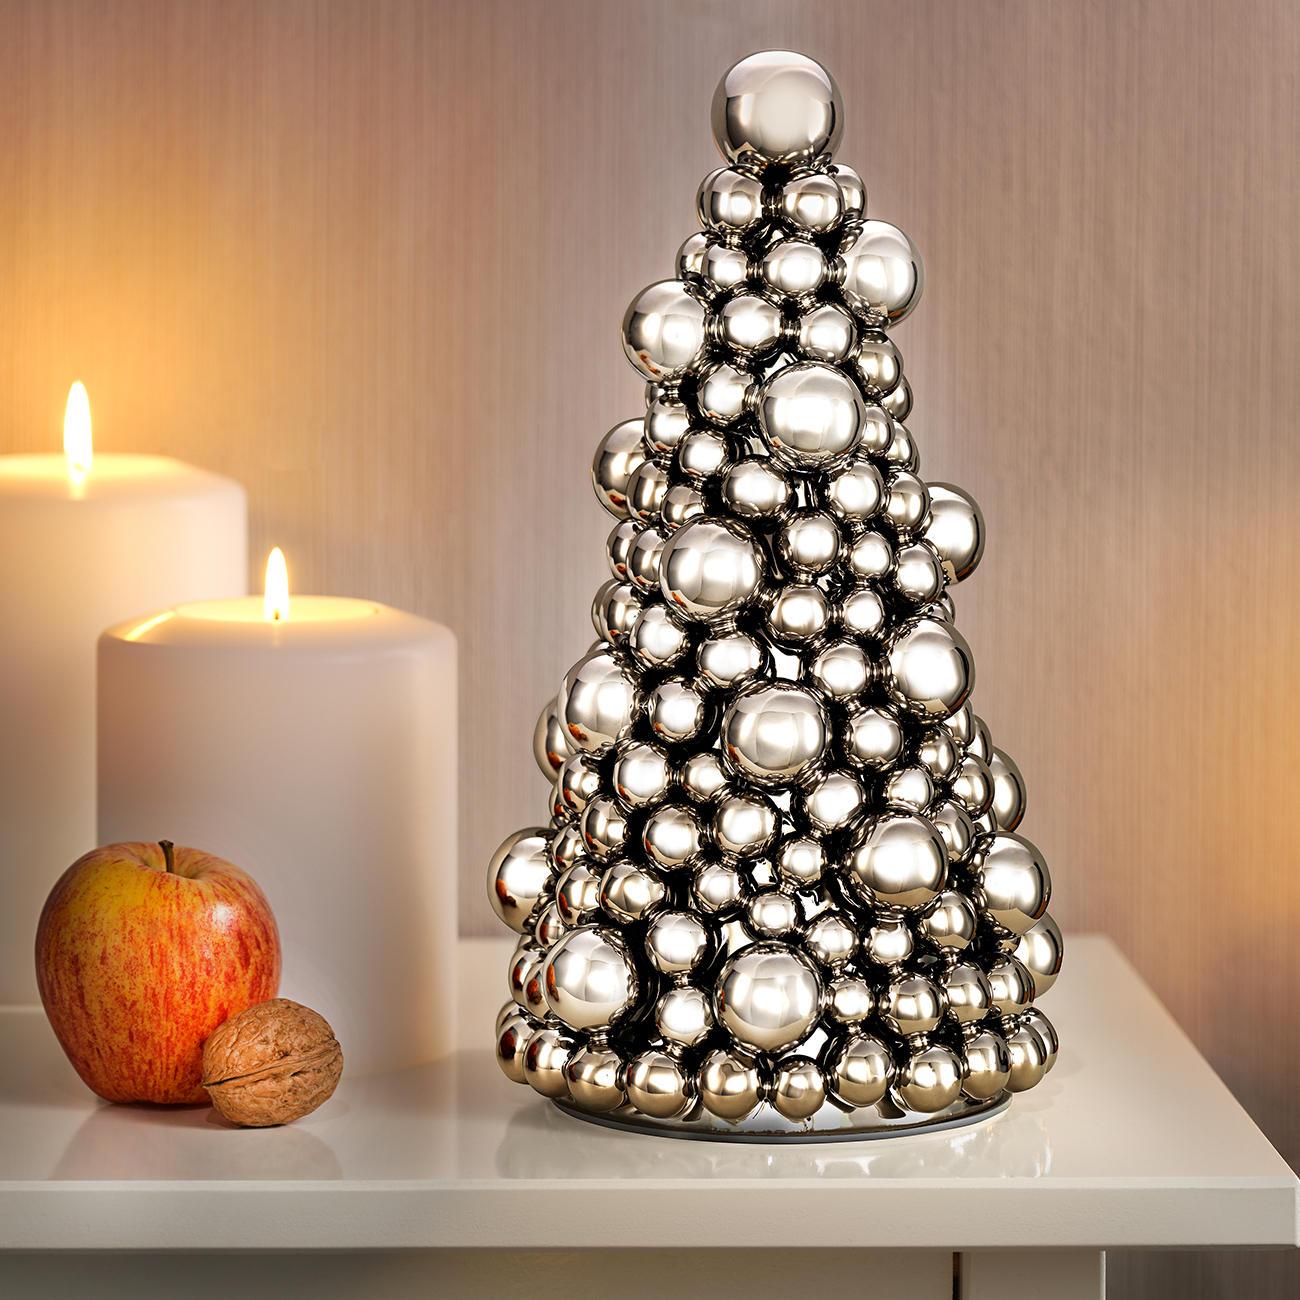 edzard kugel weihnachtsbaum pyramide kugelpyramide kaufen. Black Bedroom Furniture Sets. Home Design Ideas